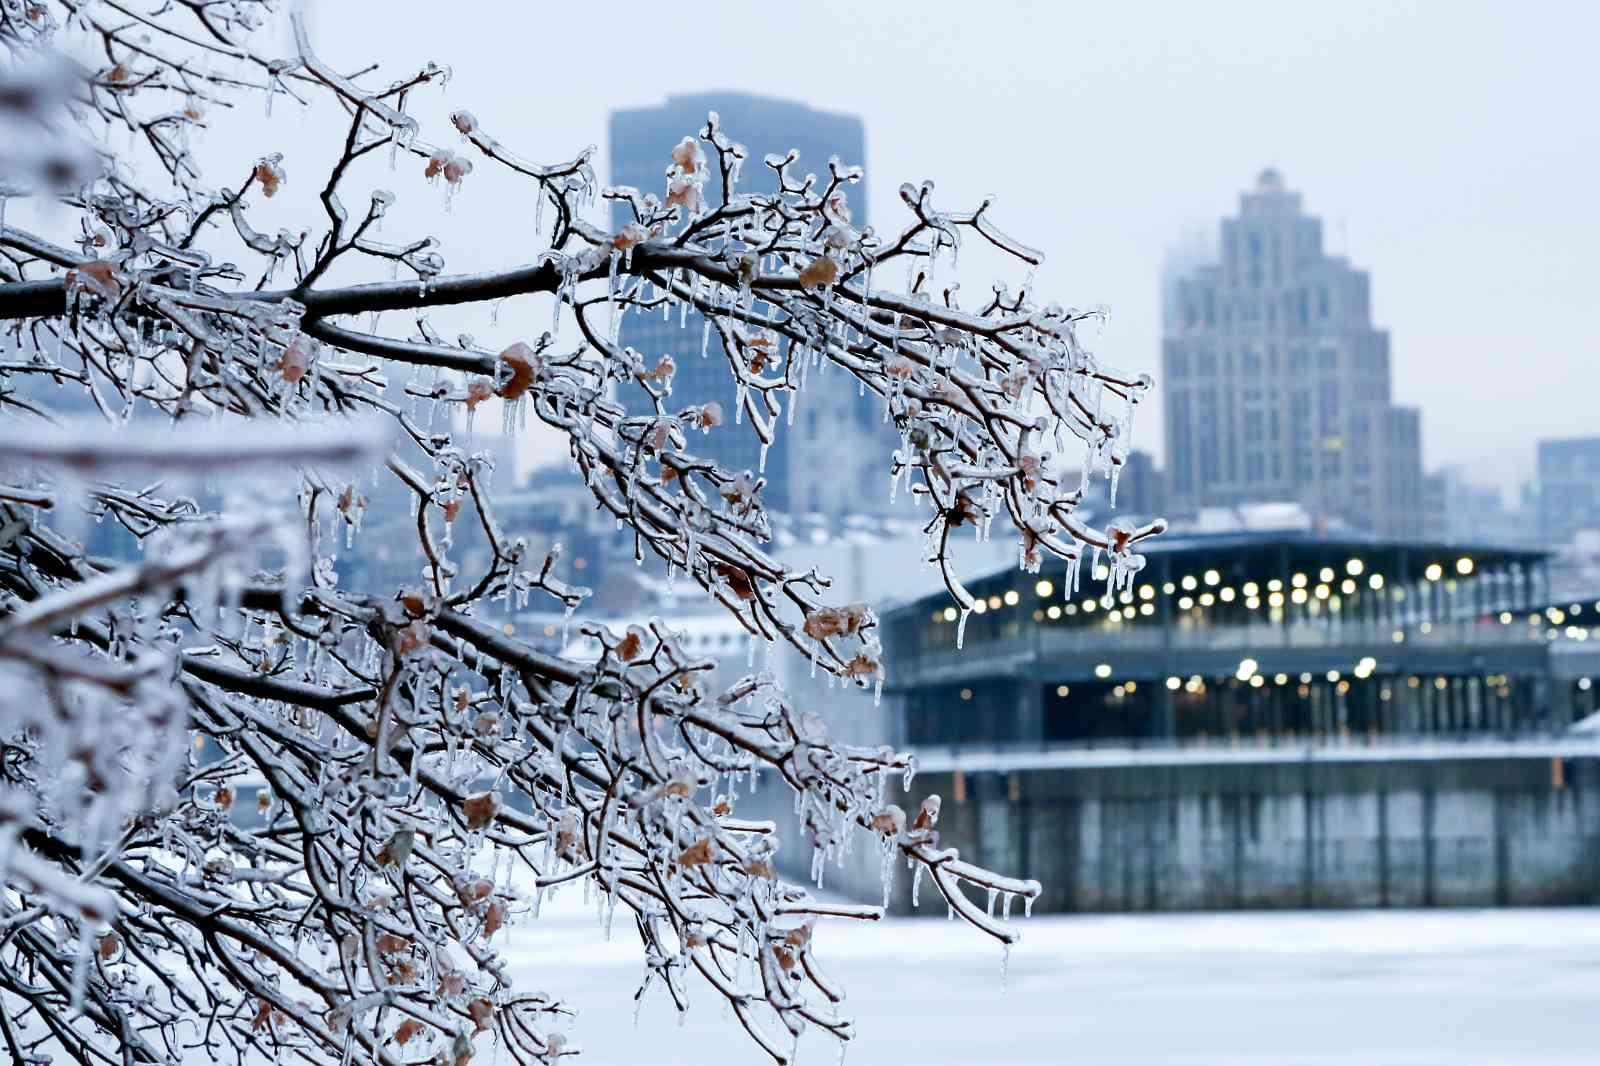 Eventos, festivales, conciertos y museos de Montreal en enero de 2018: una lista con las mejores selecciones del mes